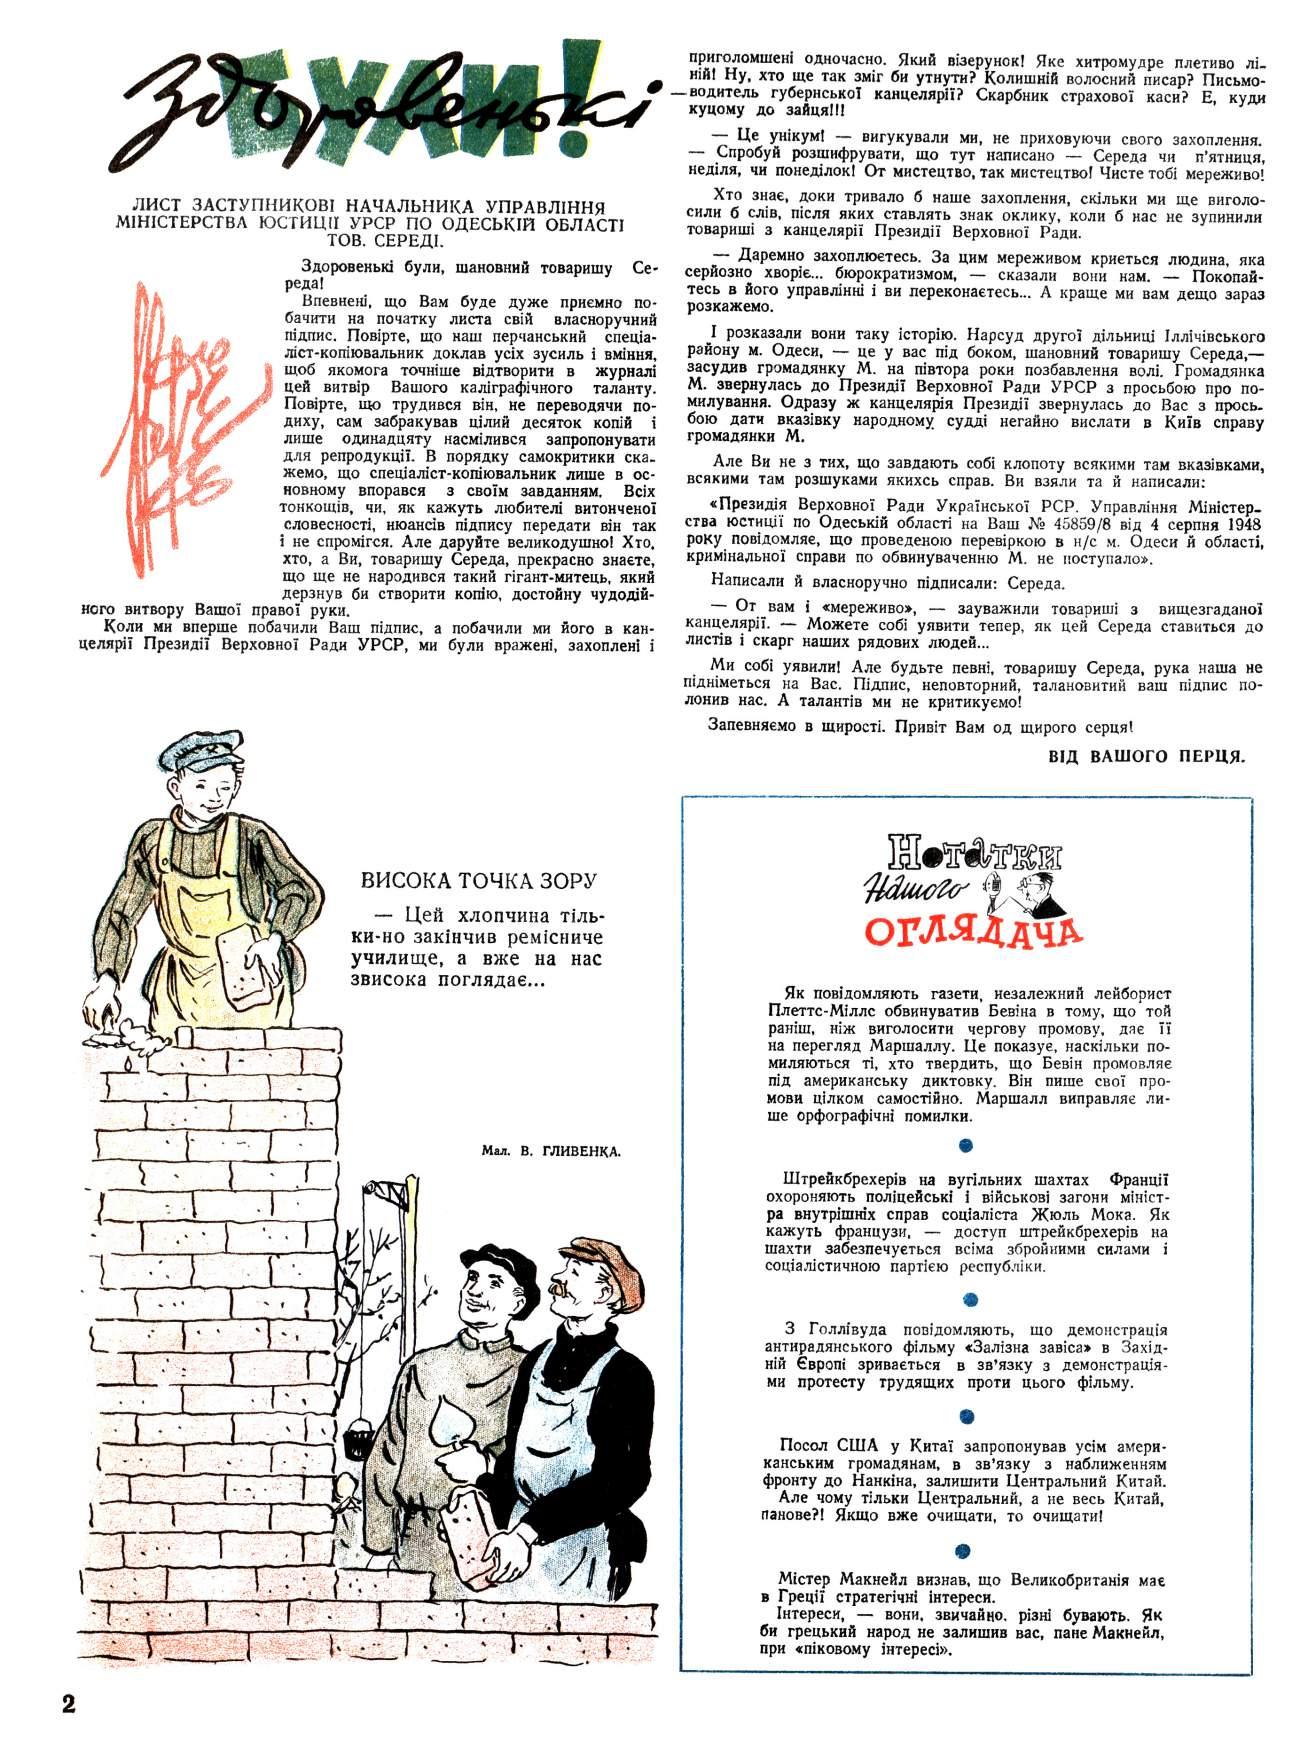 Журнал перець 1948 №23